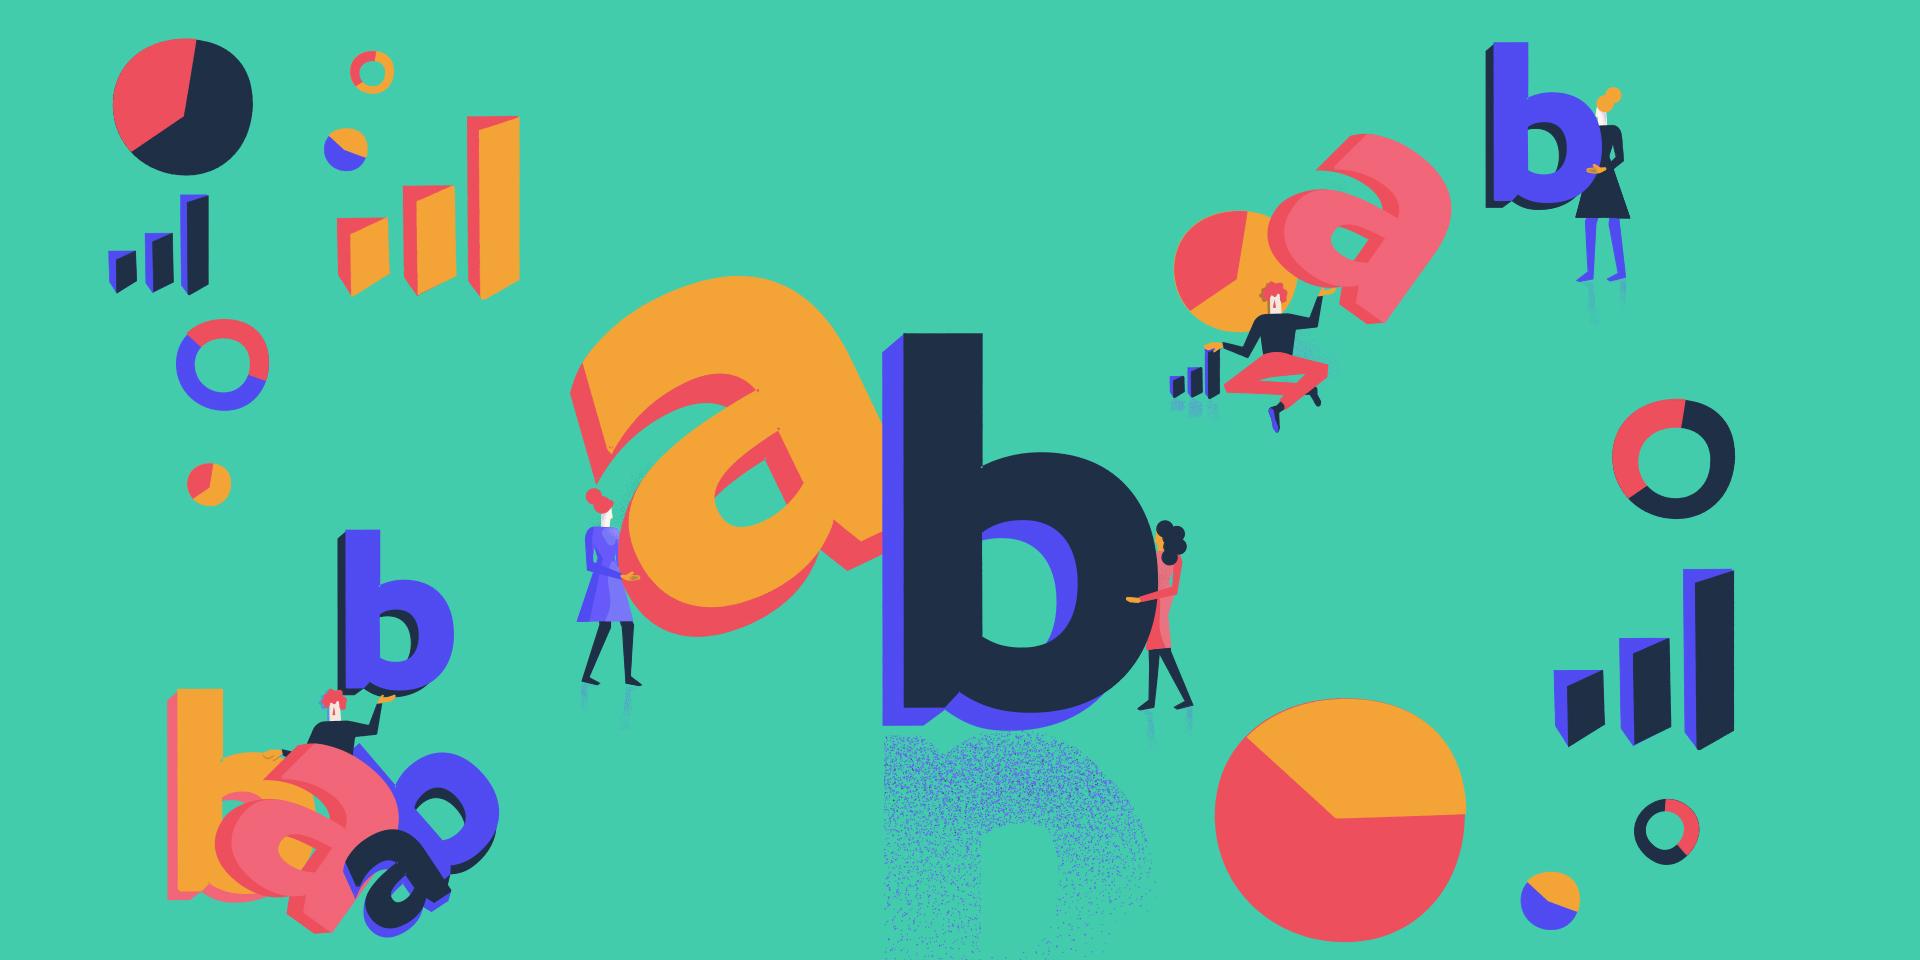 Testy AB - jak poprawić efekty wysyłek mailowych - Brand Journal Prowly